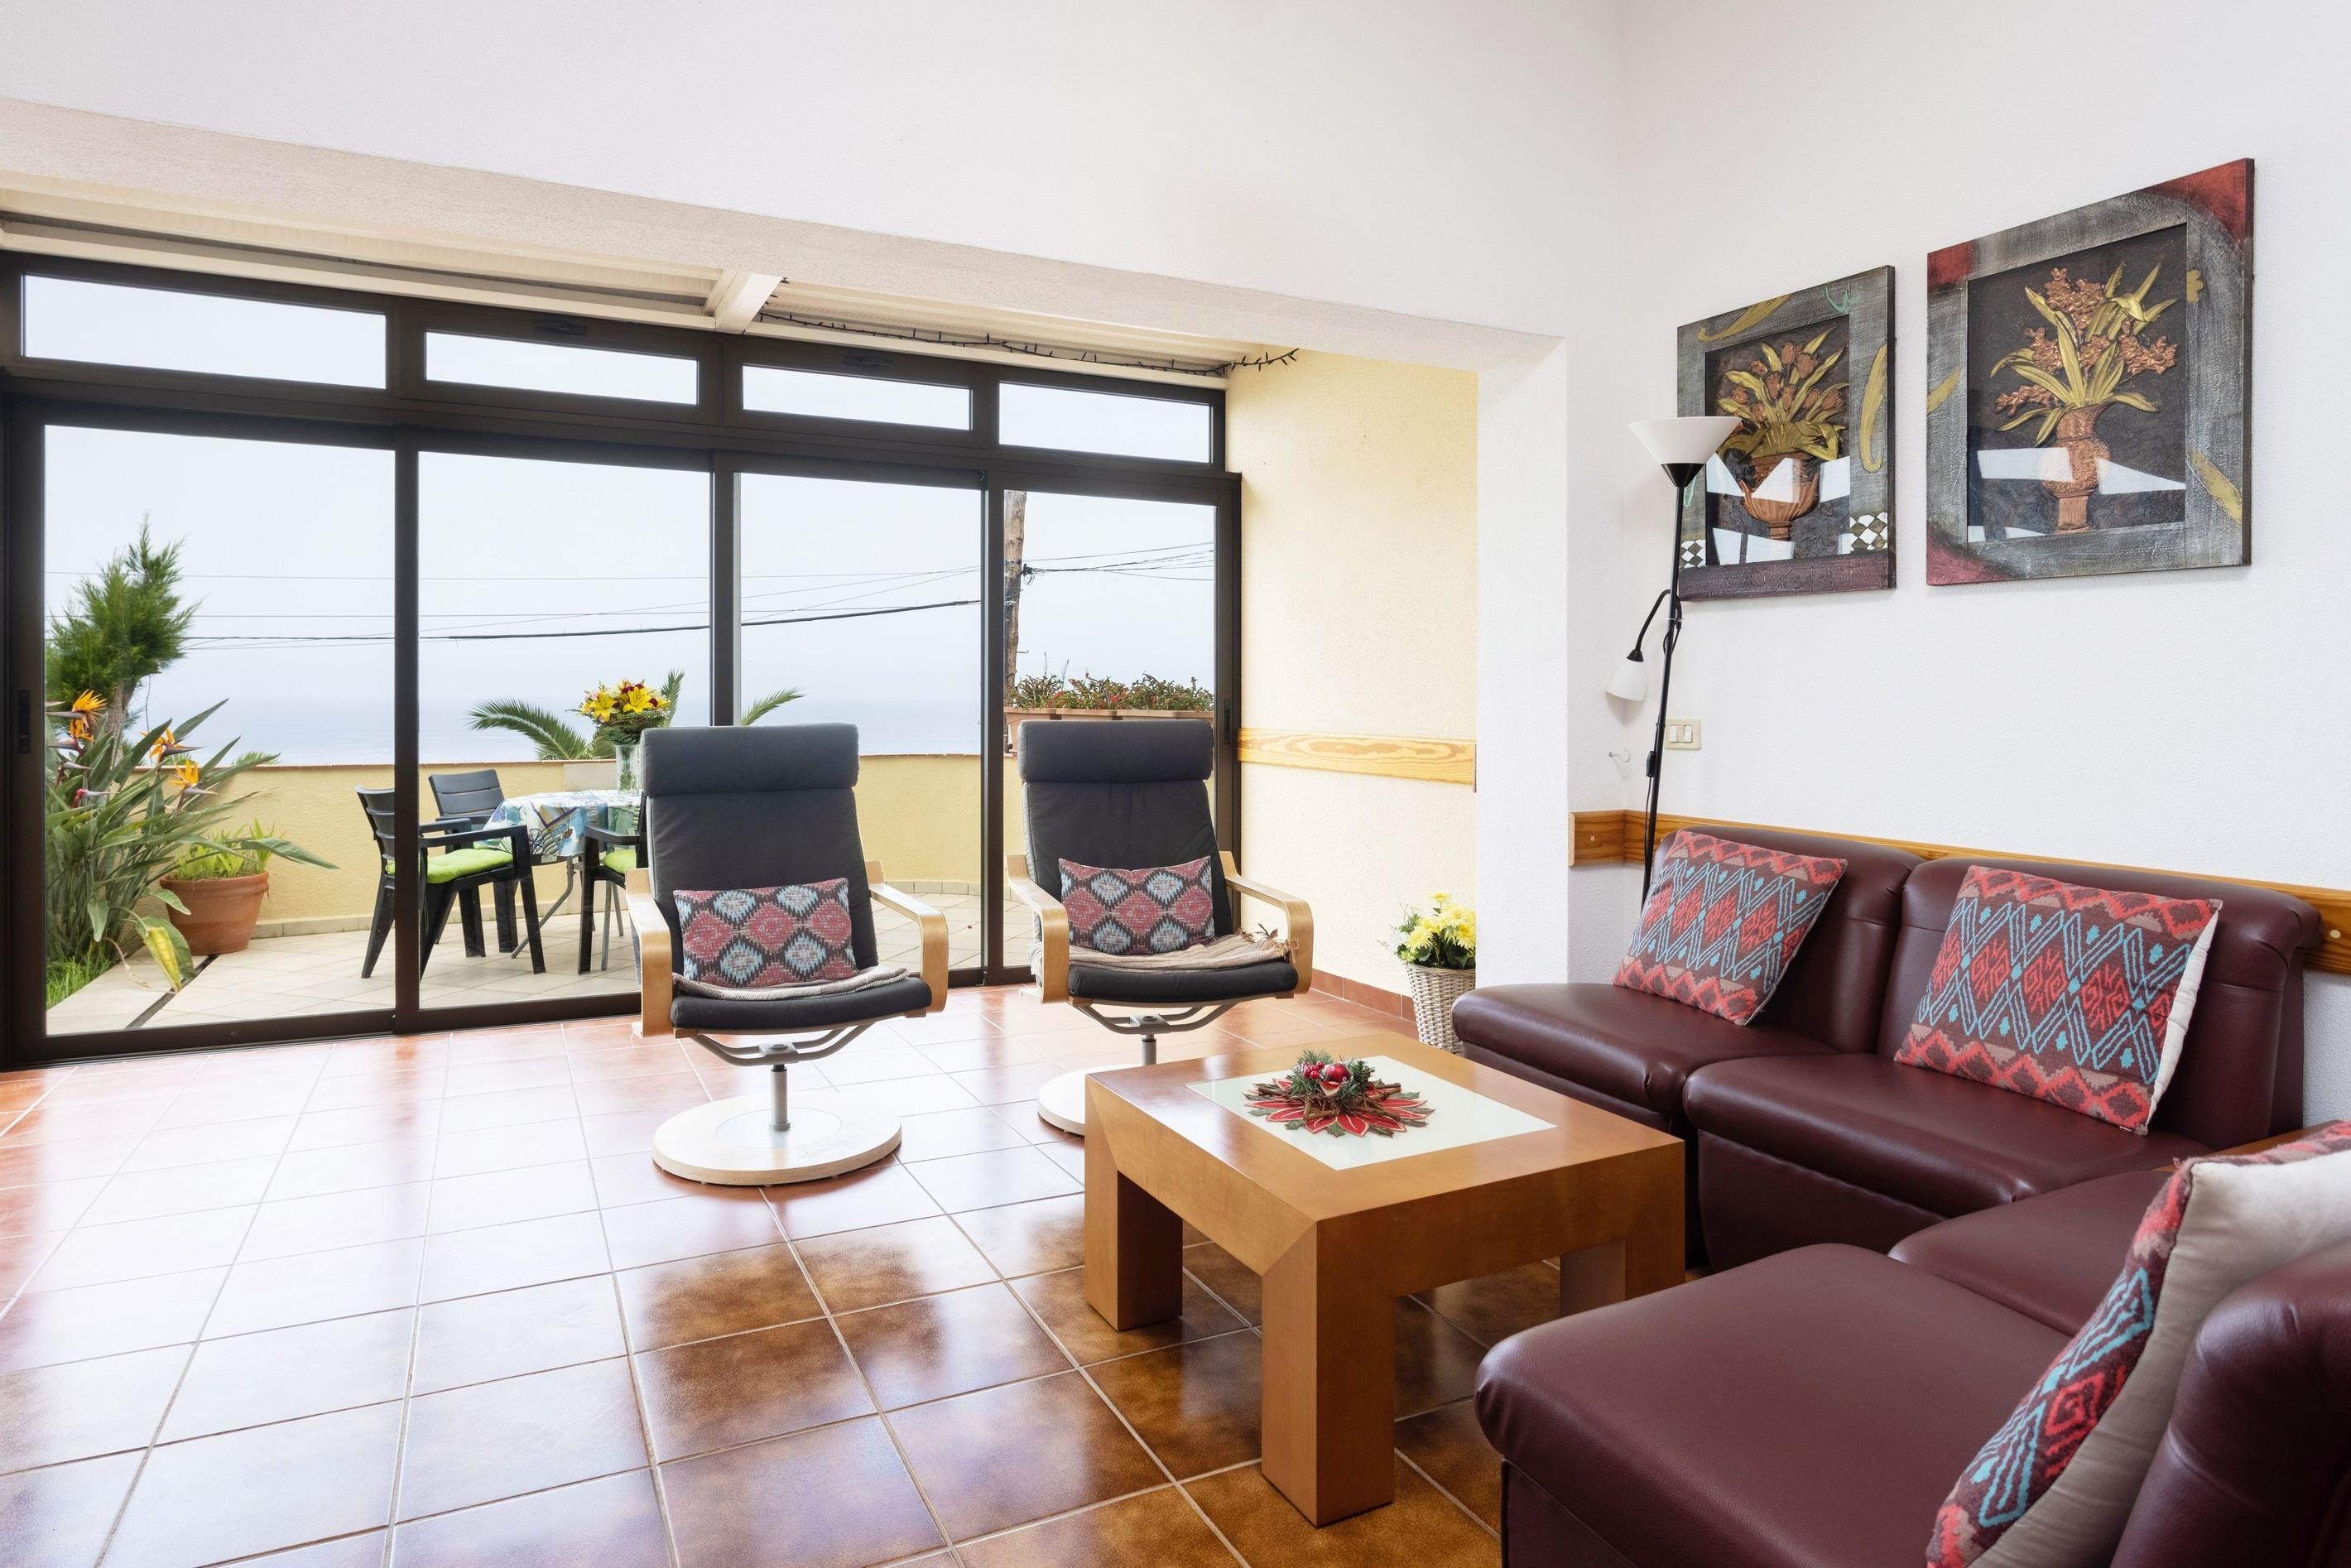 Appartement de vacances Fewo Solymar, mit 2 Schlafzimmern, 2 Bädern, eigener Terrasse und Garten, Meerblick, Pool, (2492986), Santa Ursula, Ténérife, Iles Canaries, Espagne, image 1